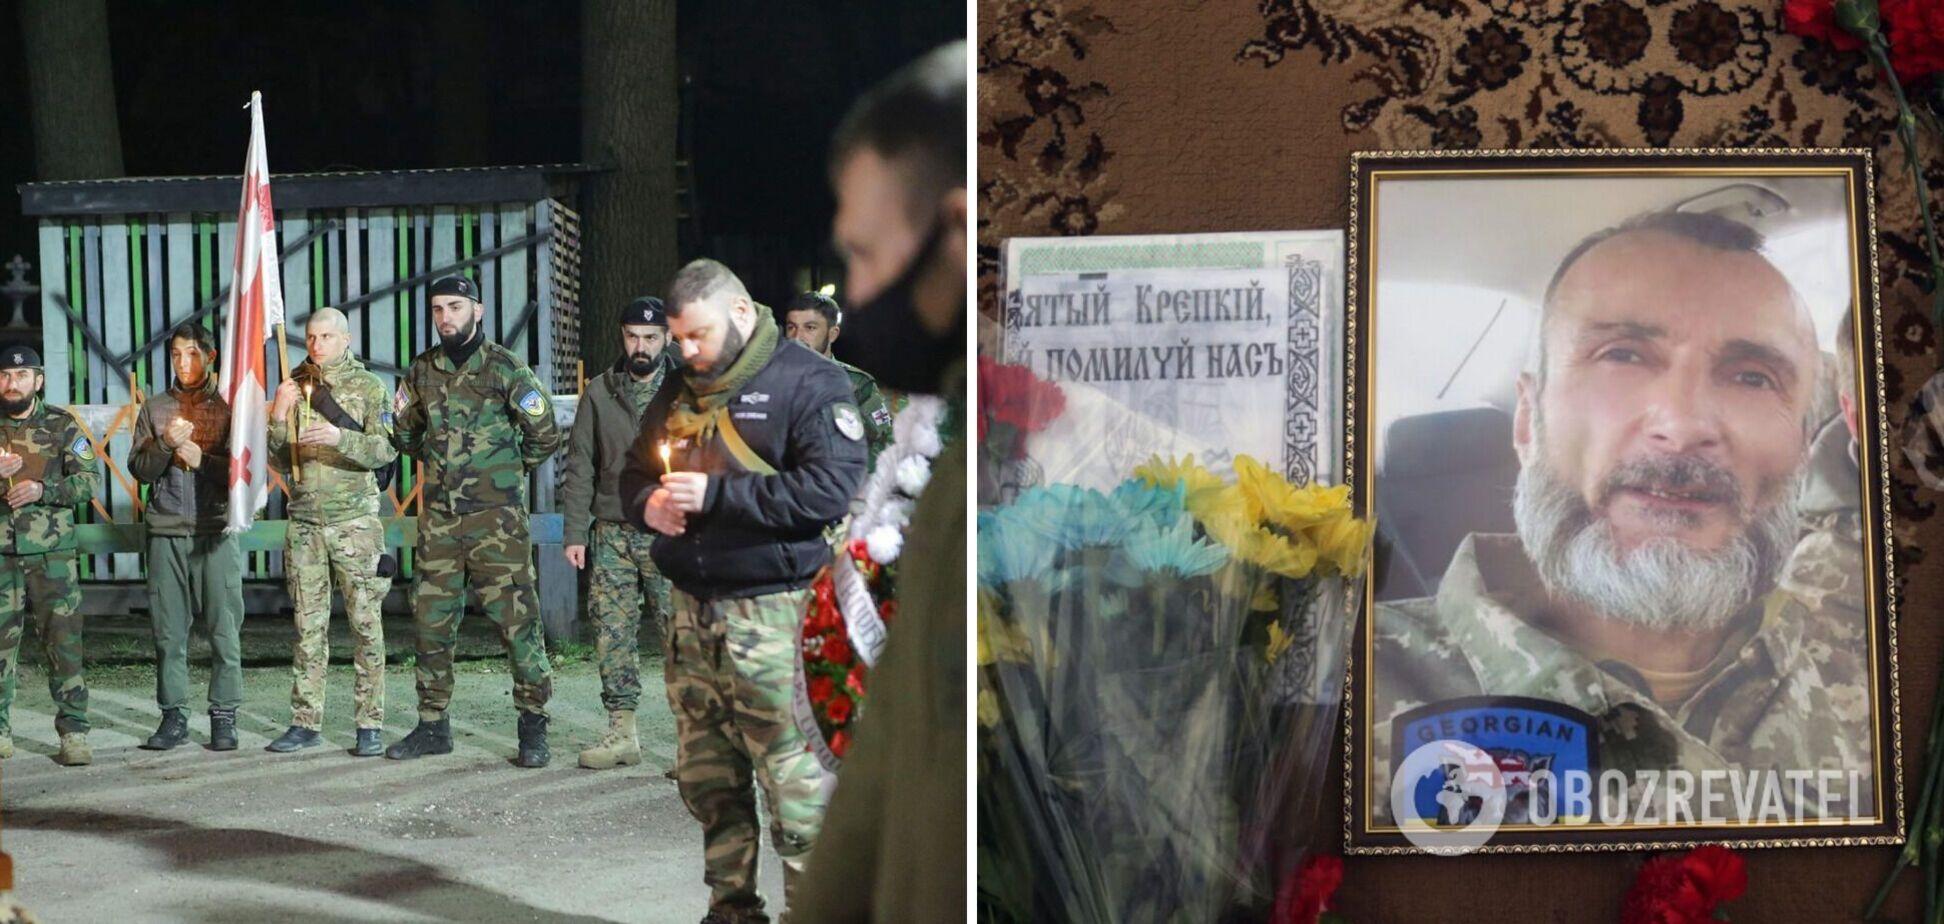 В Киеве попрощались с грузином, погибшим на Донбассе под огнем российских оккупантов. Фото